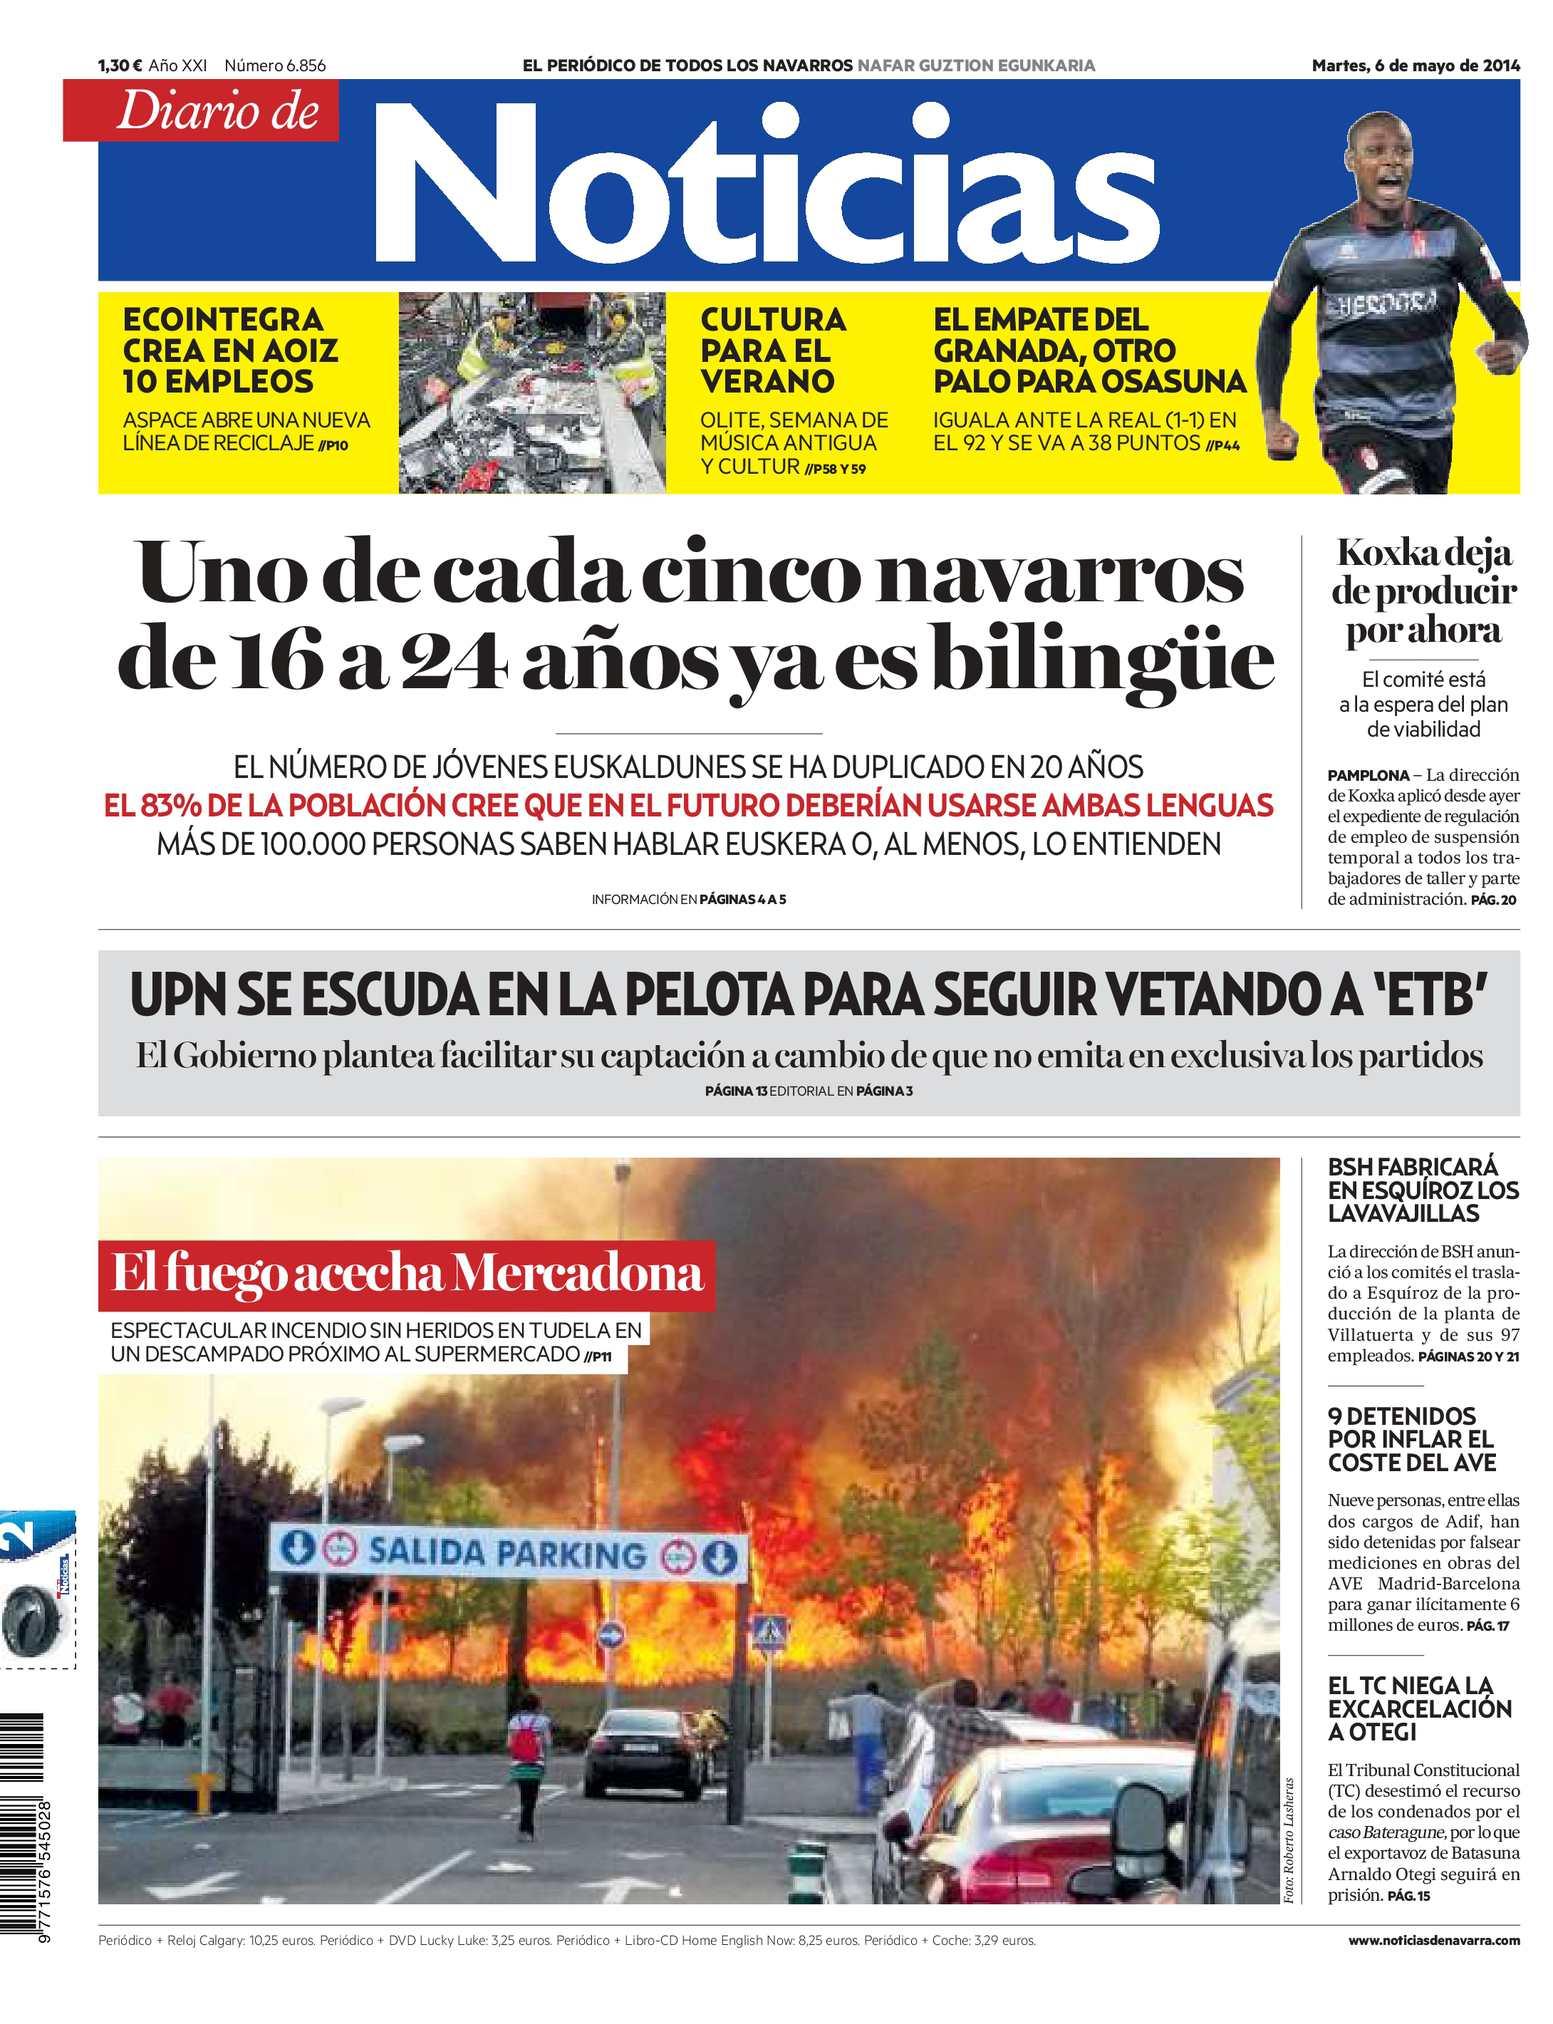 Noticias Calaméo Calaméo Diario Diario De 20140506 OkuXZiTP